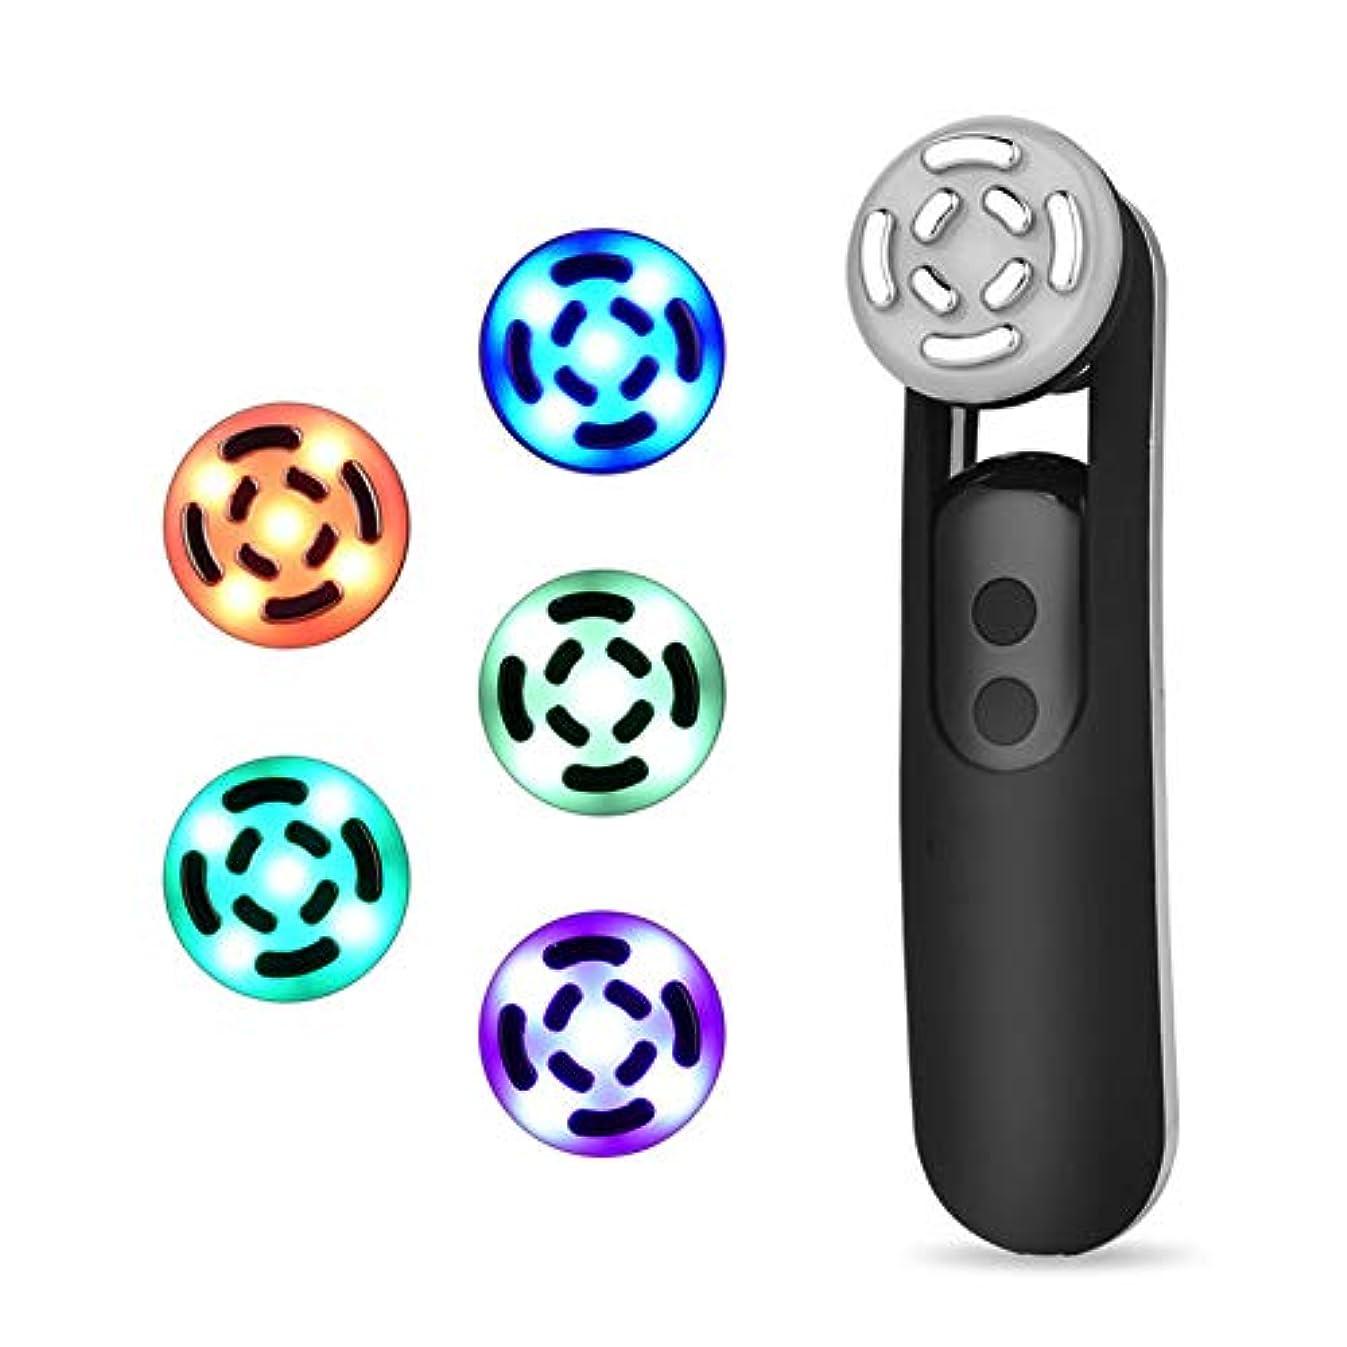 発行する振るうとげフェイシャルマッサージイオンフェイシャルクレンジングアンチエイジングファーミングスキンマイクロショックテクノロジー5色LEDライト若返りしわ美容機器,Black